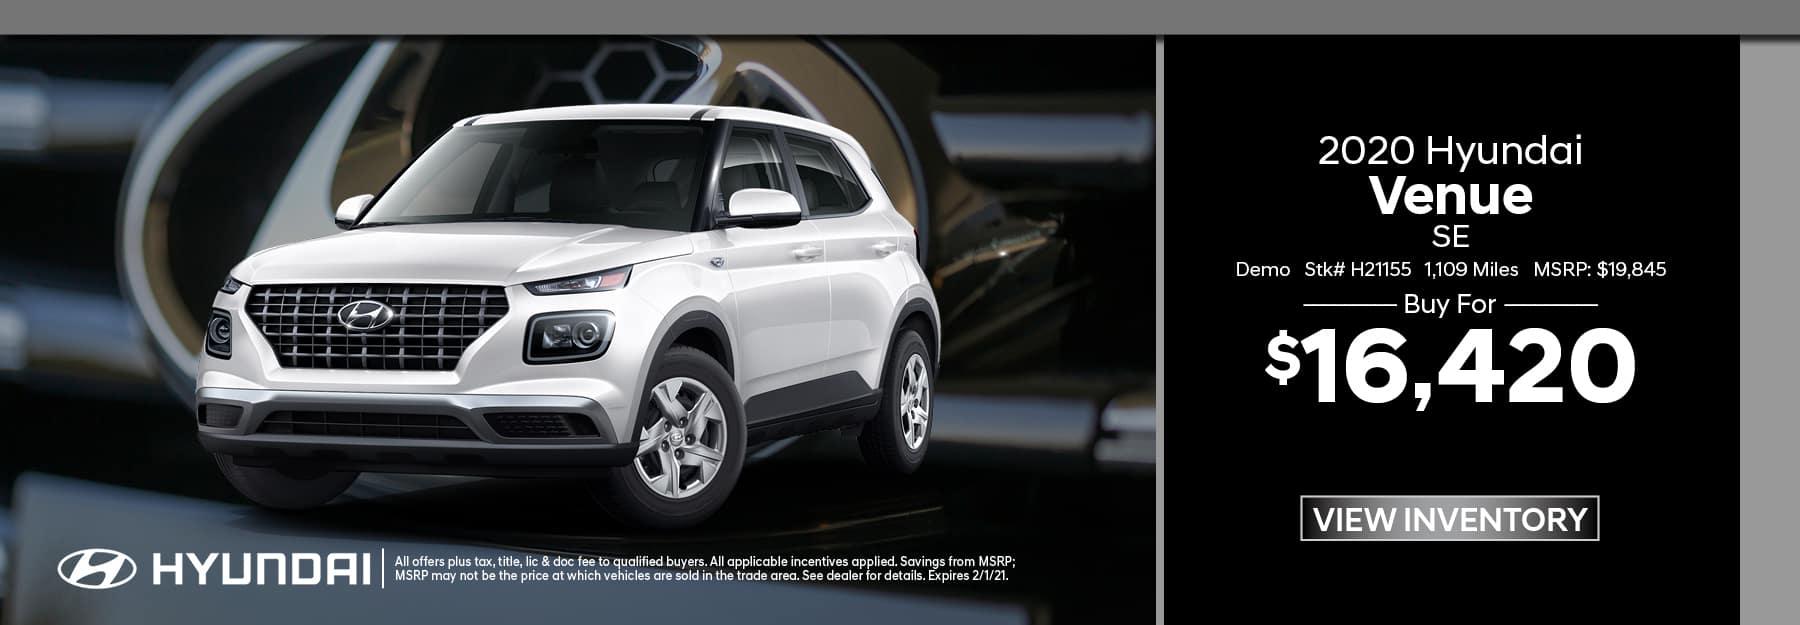 2020 Hyundai Venue Demo